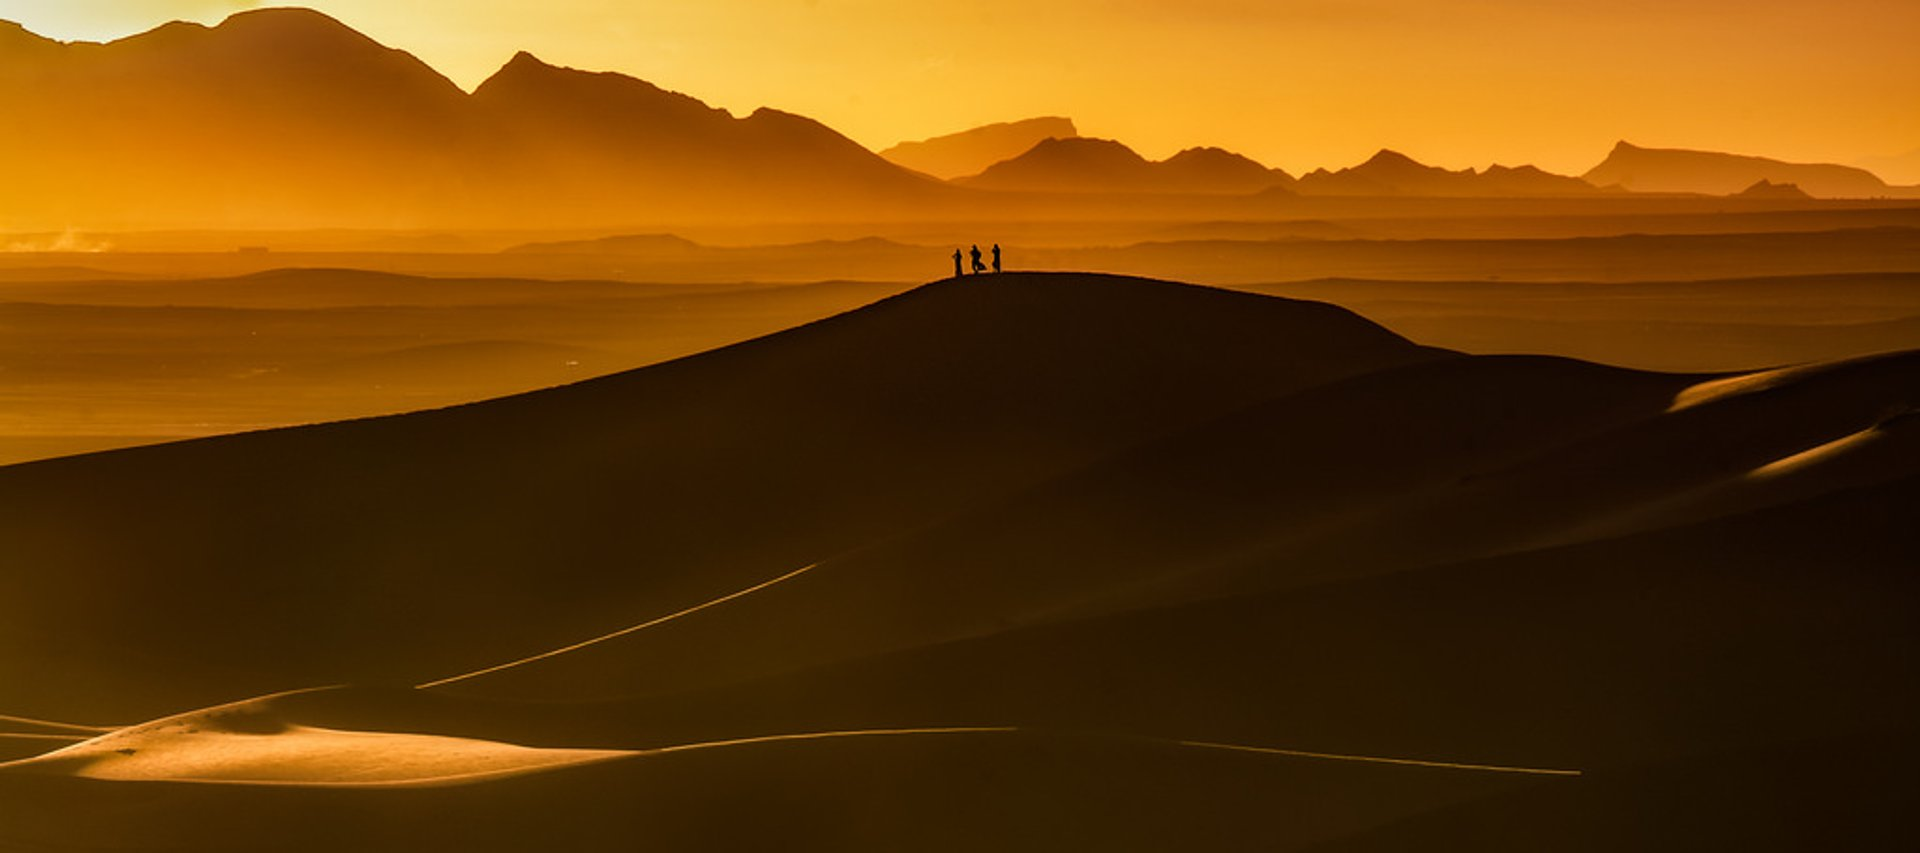 Sunset over the Sahara Desert  2020